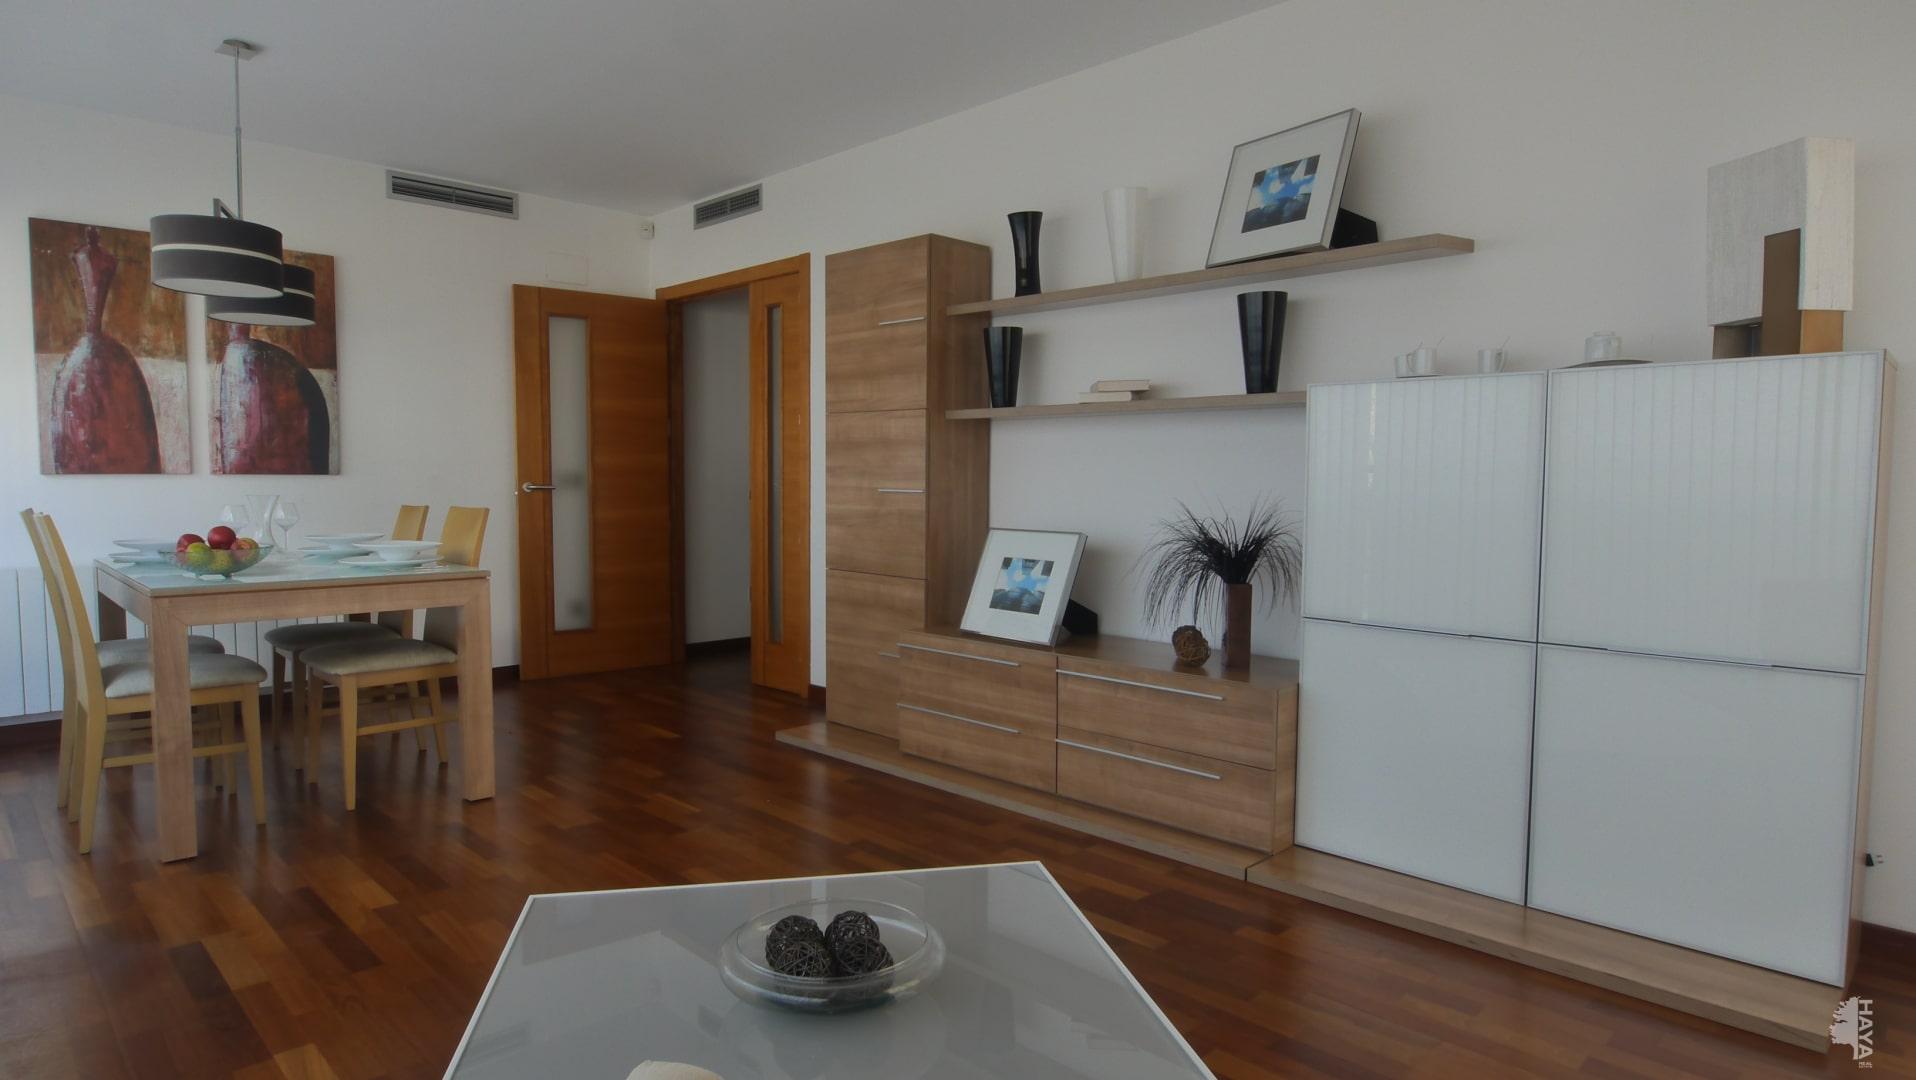 Piso en venta en Castellón de la Plana/castelló de la Plana, Castellón, Avenida Villarreal, 103.000 €, 1 habitación, 1 baño, 55 m2